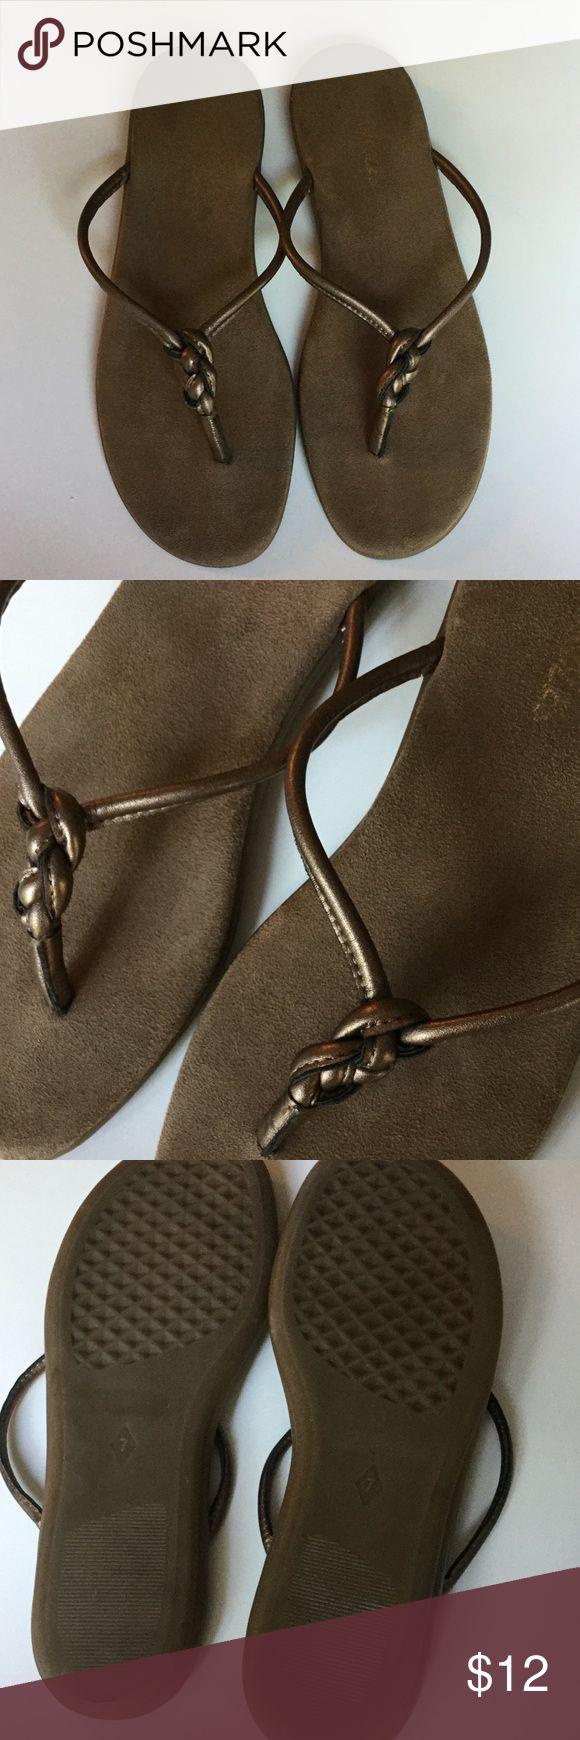 Aerosoles flip flop sandals  Aerosoles flip flop sandals. Pretty bronze color. Worn but in good condition. Size 7. AEROSOLES Shoes Sandals